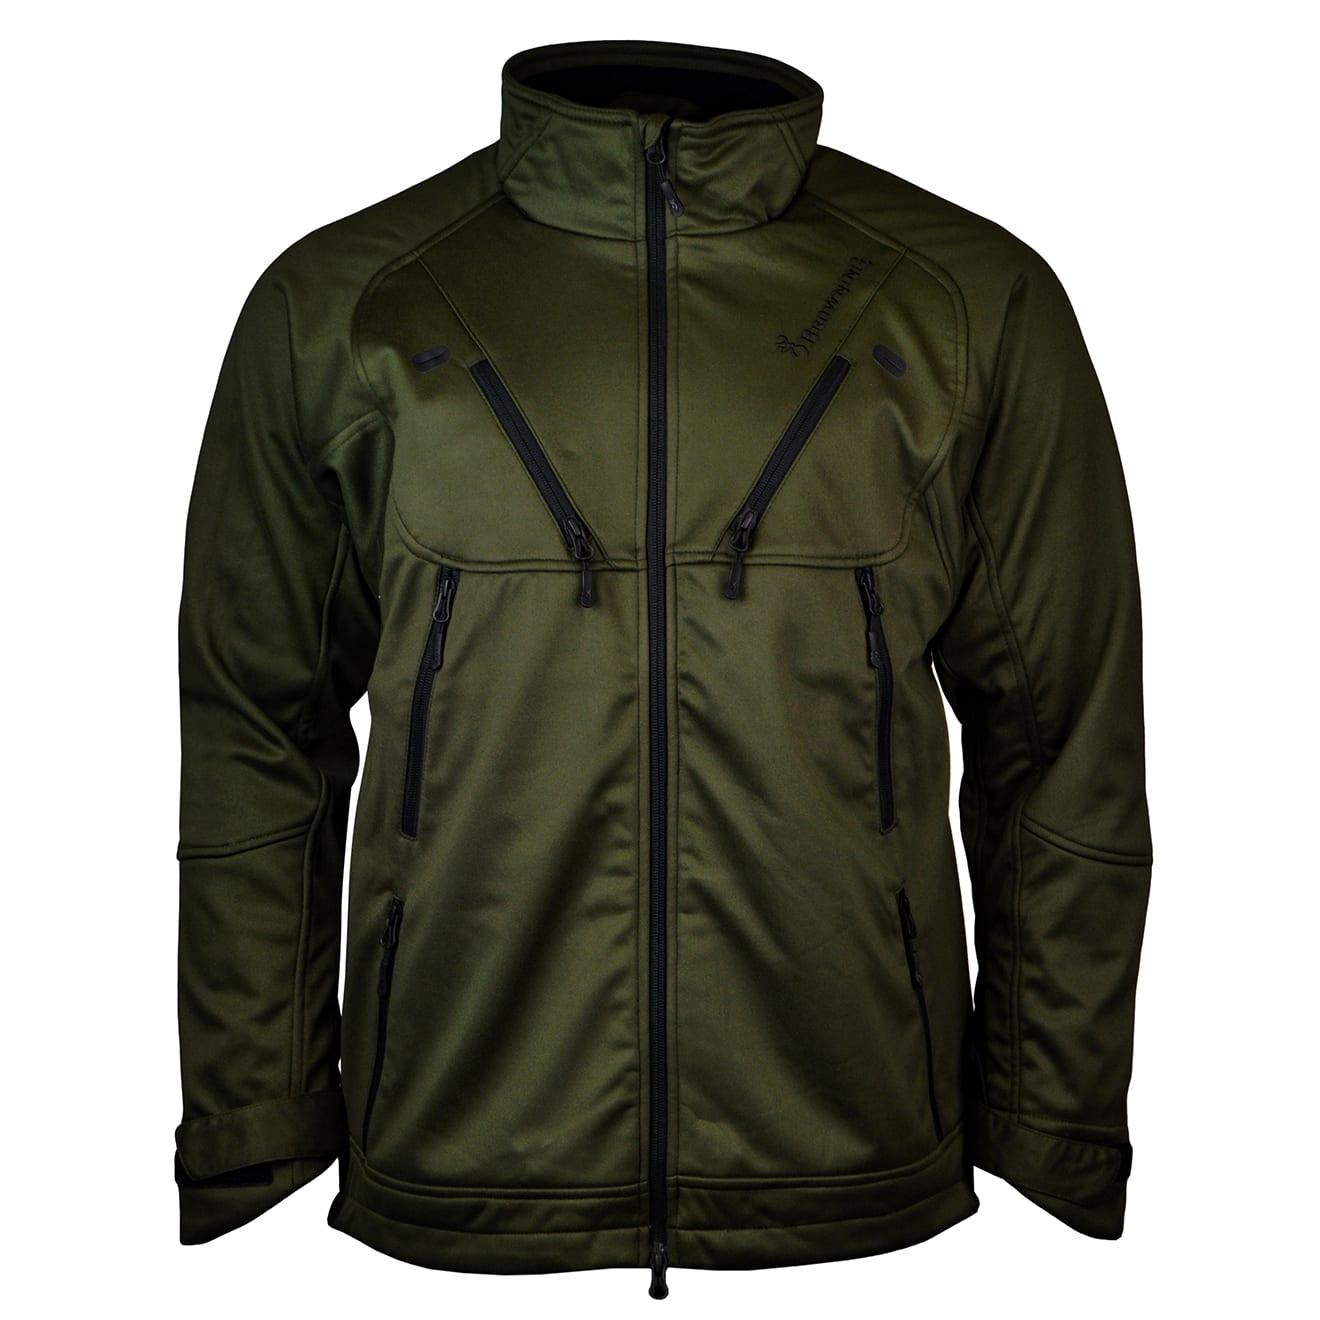 Browning hells canyon ll 3 layer jacket green